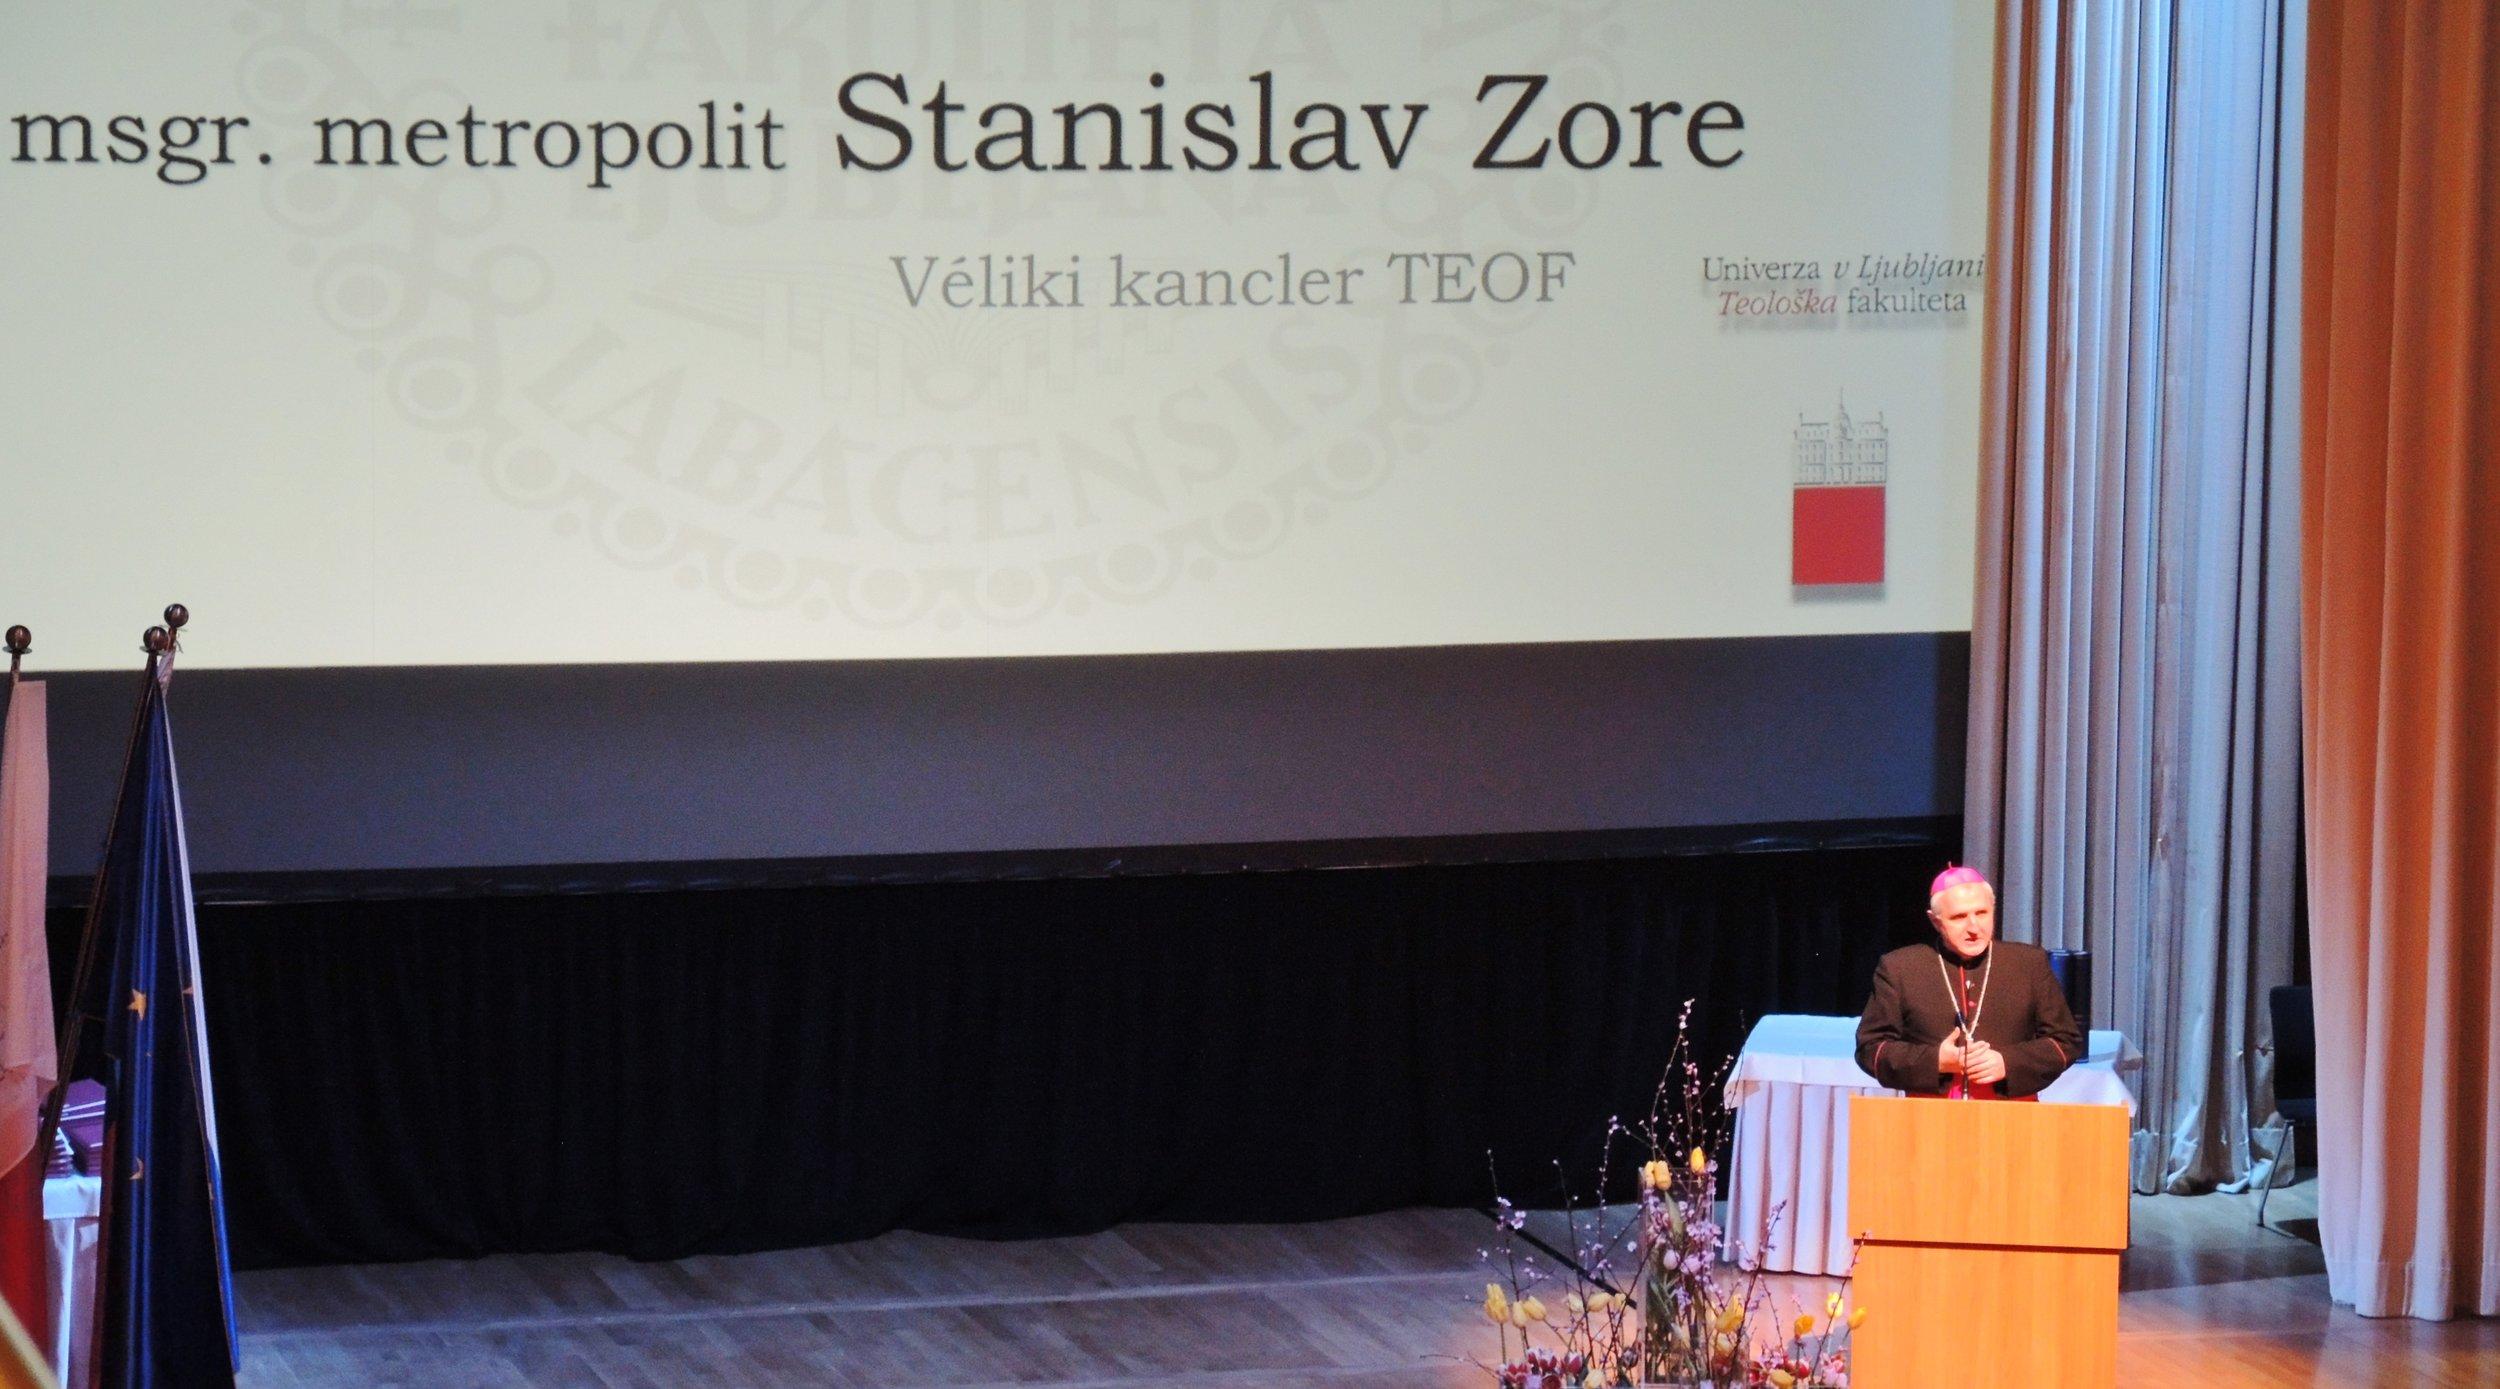 Mons. Stanislav Zore, ljubljanski nadškof metropolit in véliki kancler Teološke fakultete (foto: Nadškofija Ljubljana)